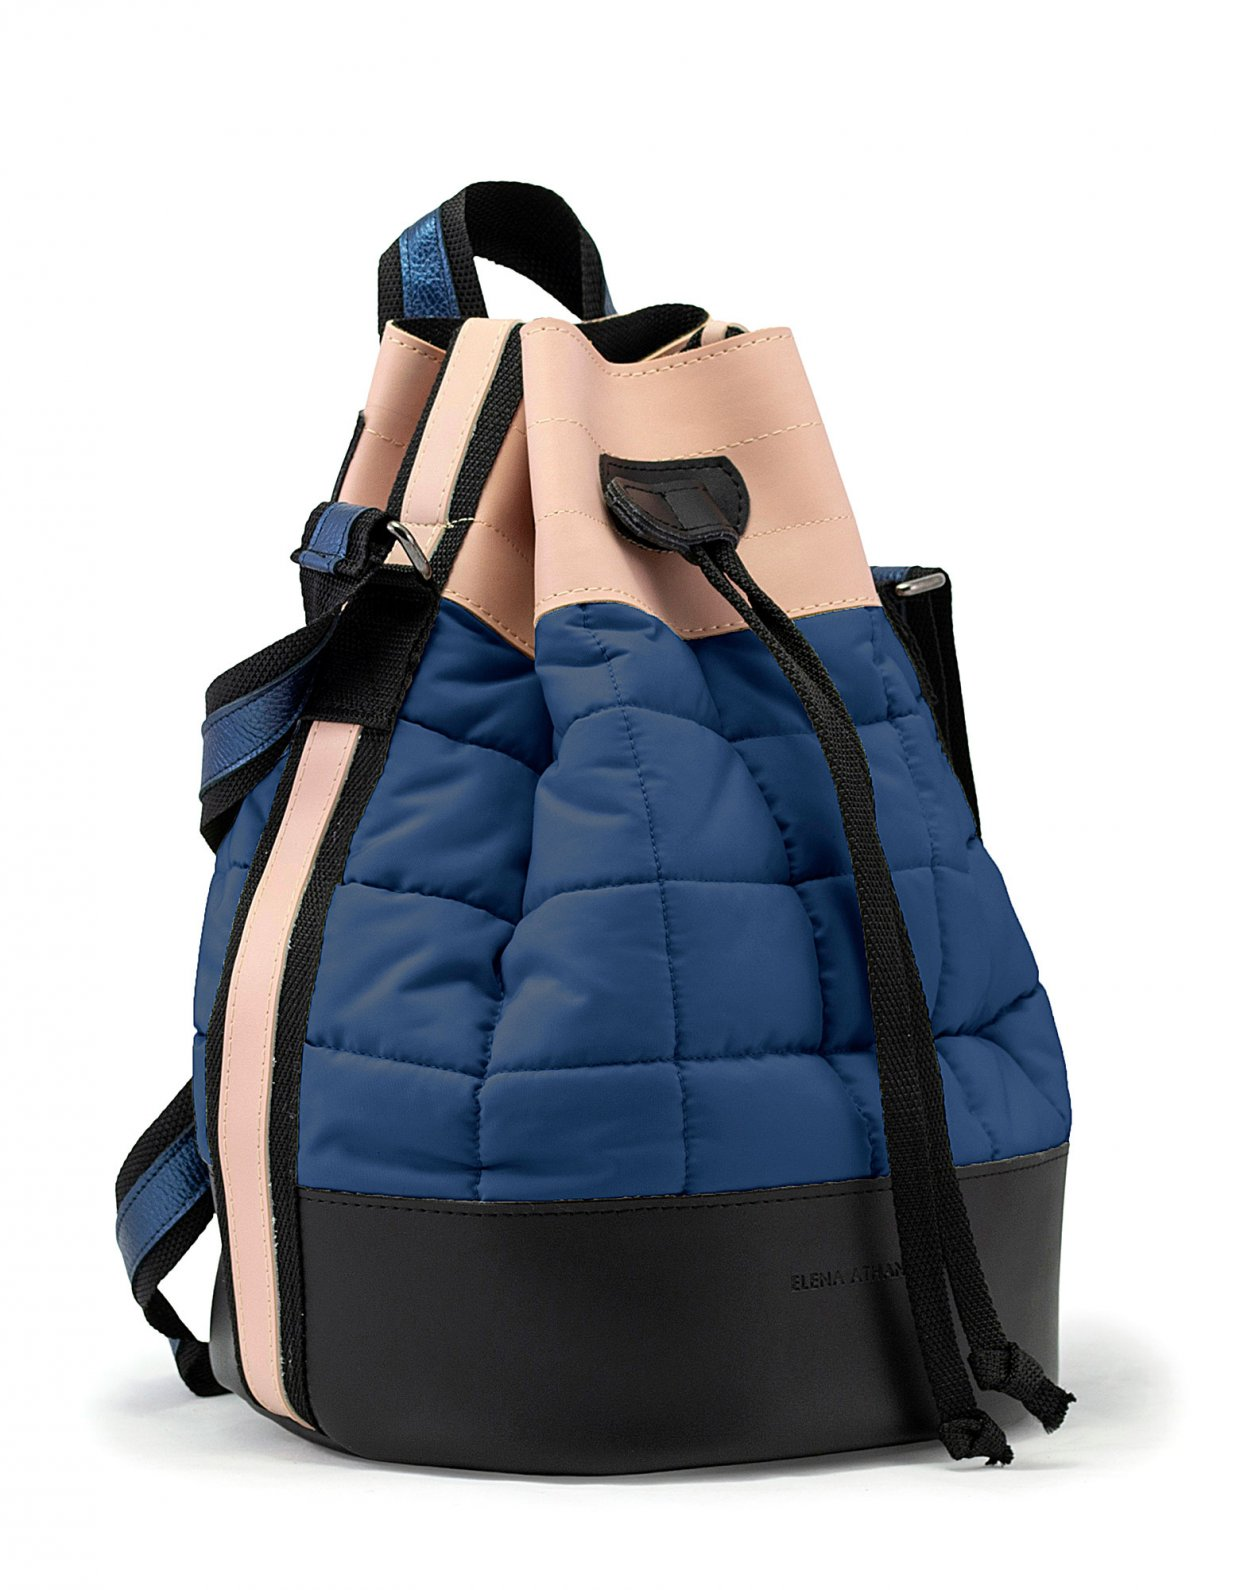 Elena Athanasiou Holiday bag ocean blue